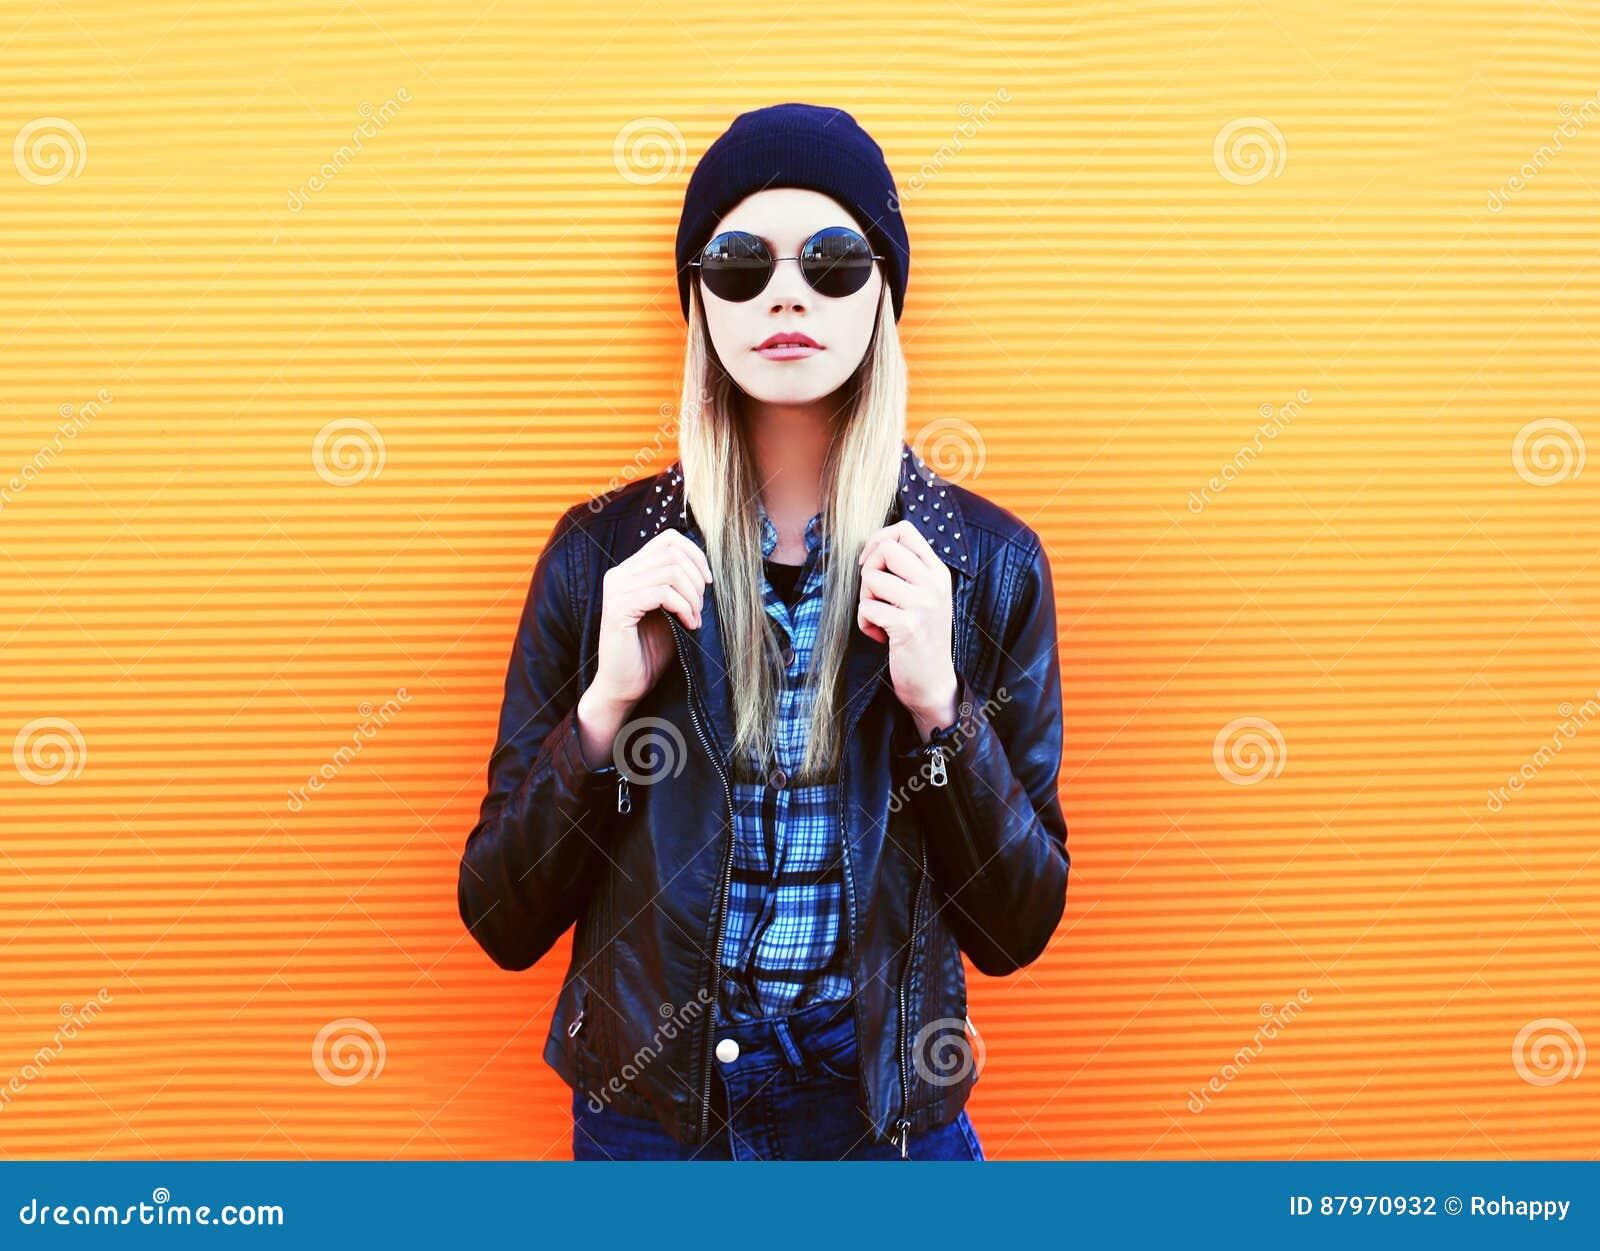 Arbeiten Sie Porträt hübsche Blondine in der Felsenschwarzart auf einem bunten orange Hintergrund um